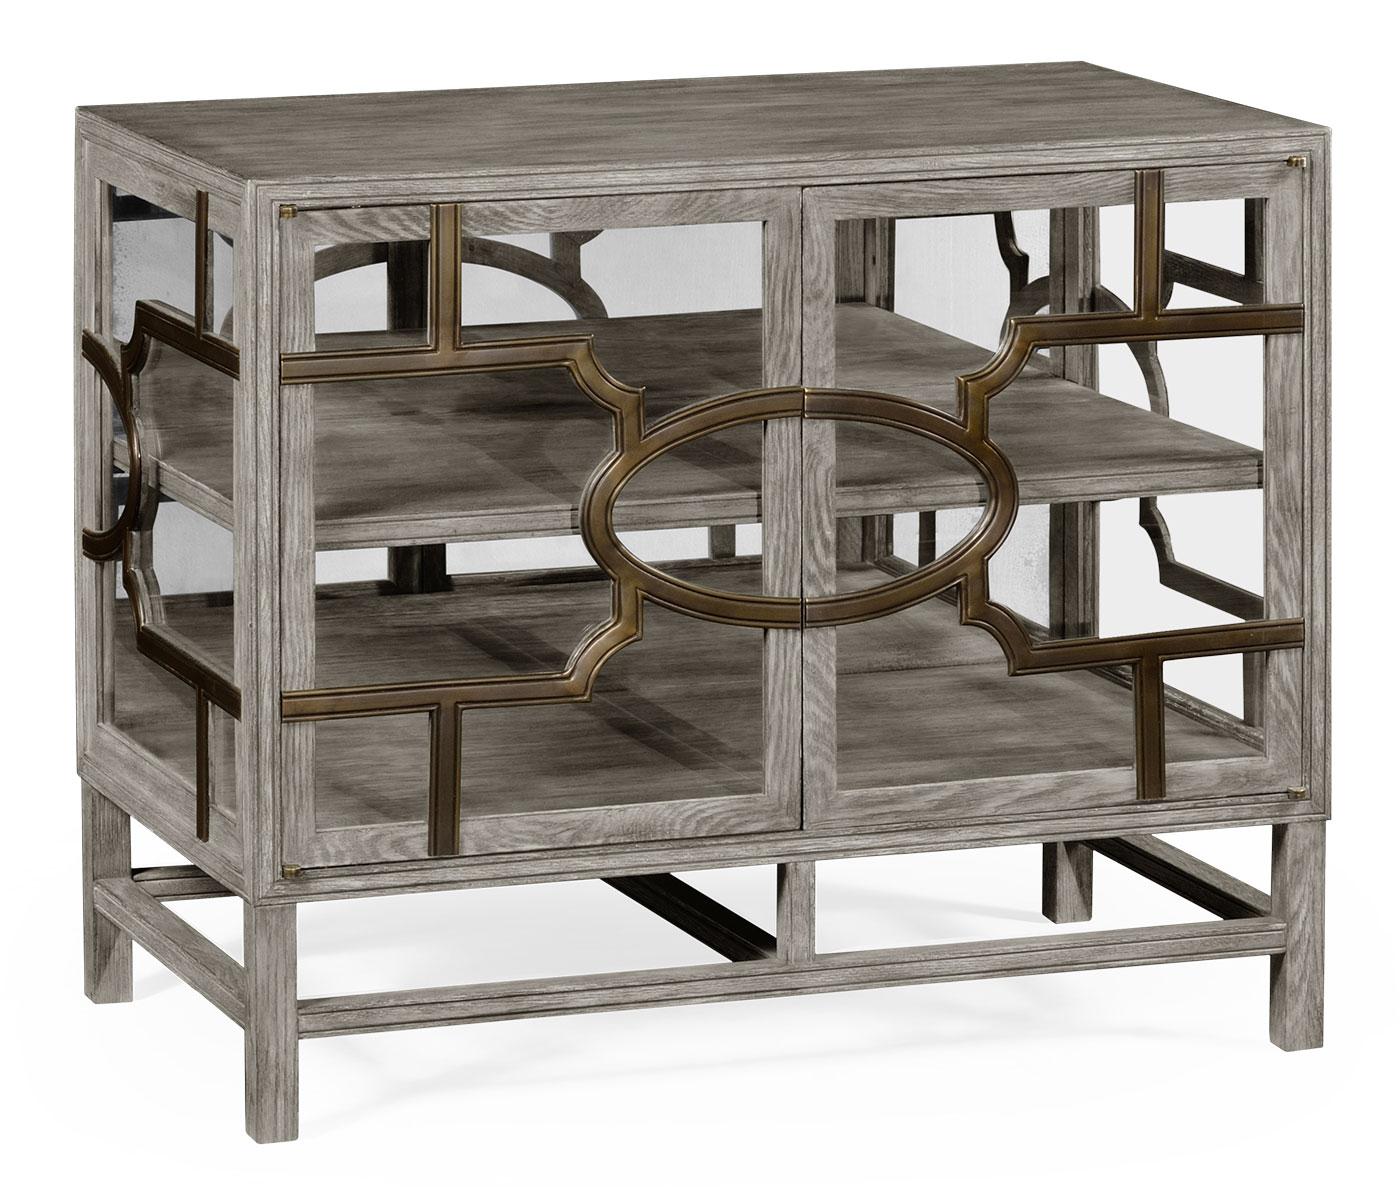 Hewlett Glazed Cabinet-$3,785.00